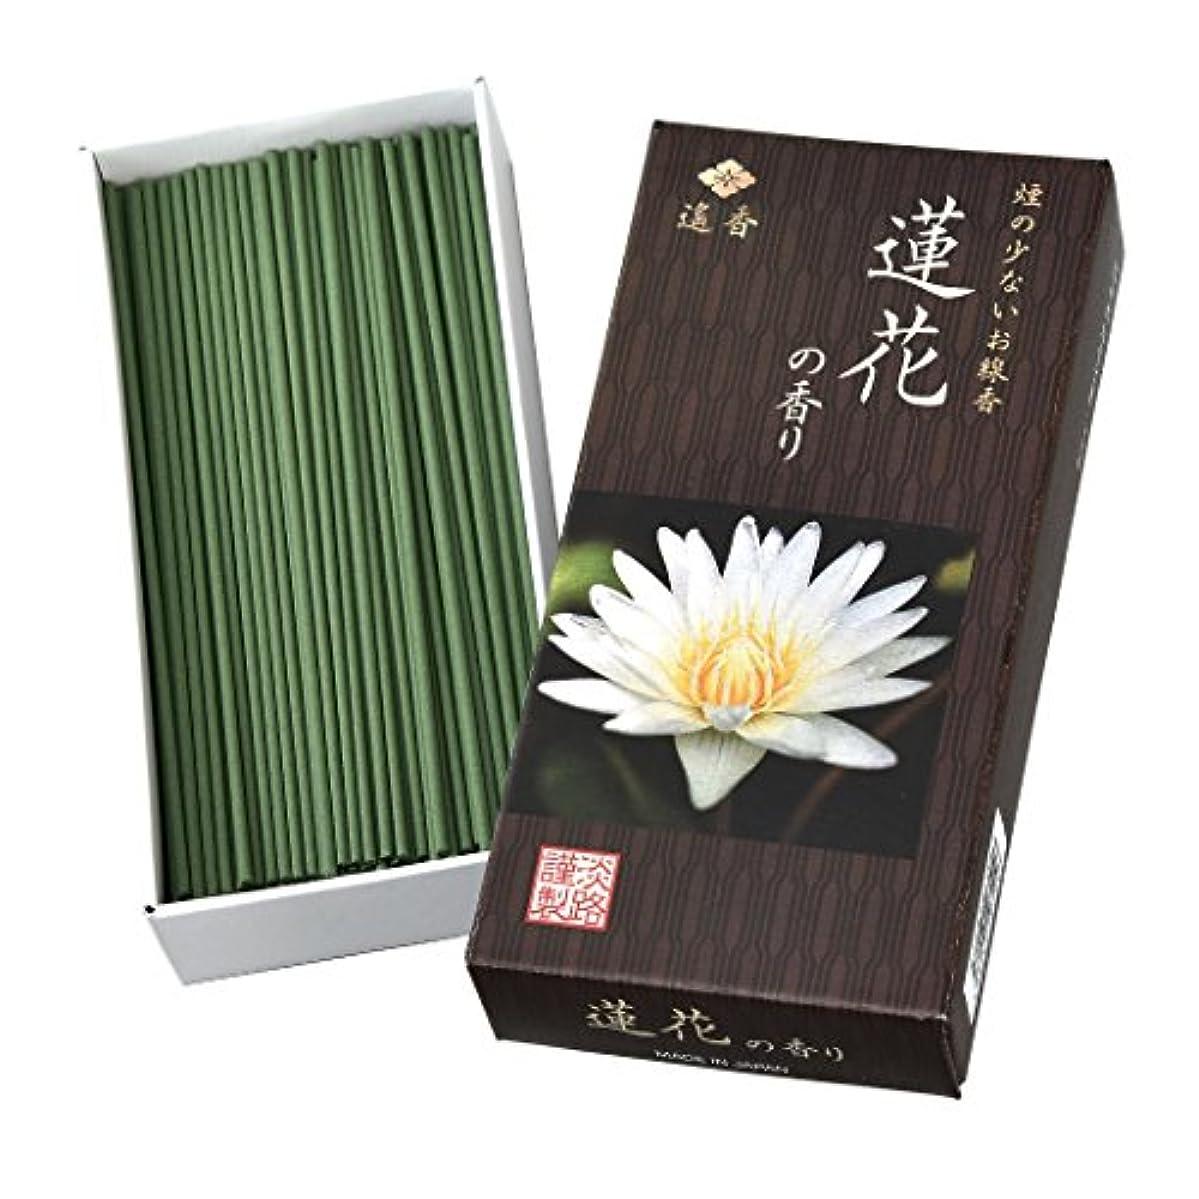 インシュレータ平行自伝遙香 蓮花の香り 3個セット